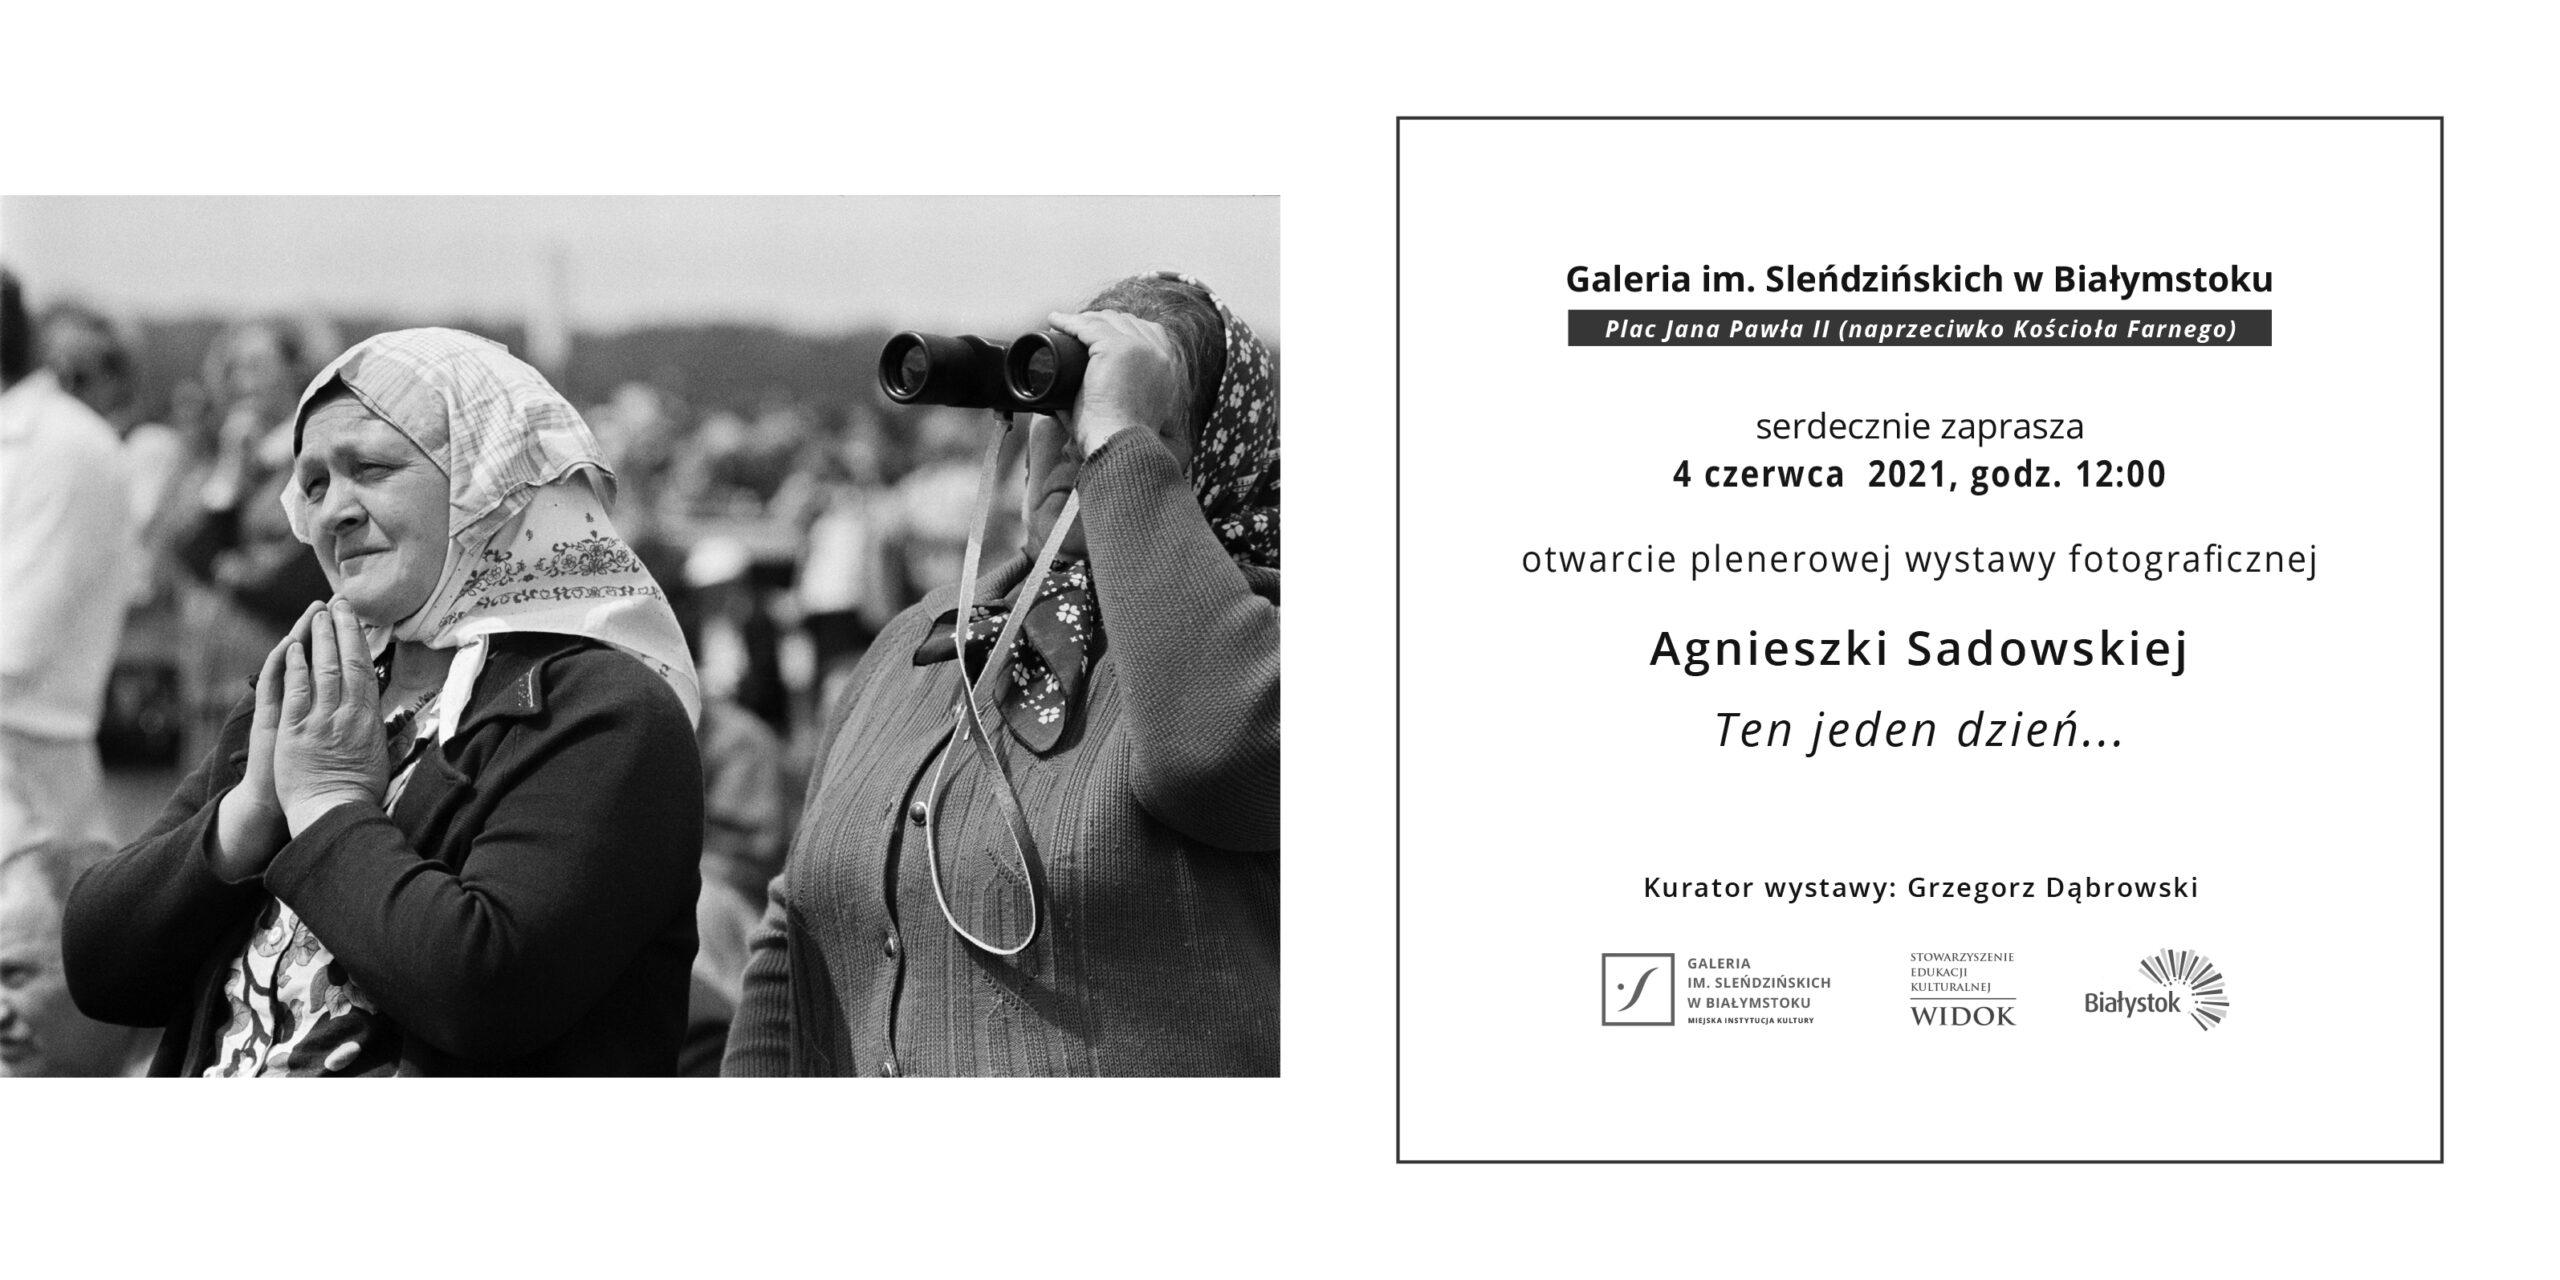 Plenerowa wystawa fotograficzna Agnieszki Sadowskiej